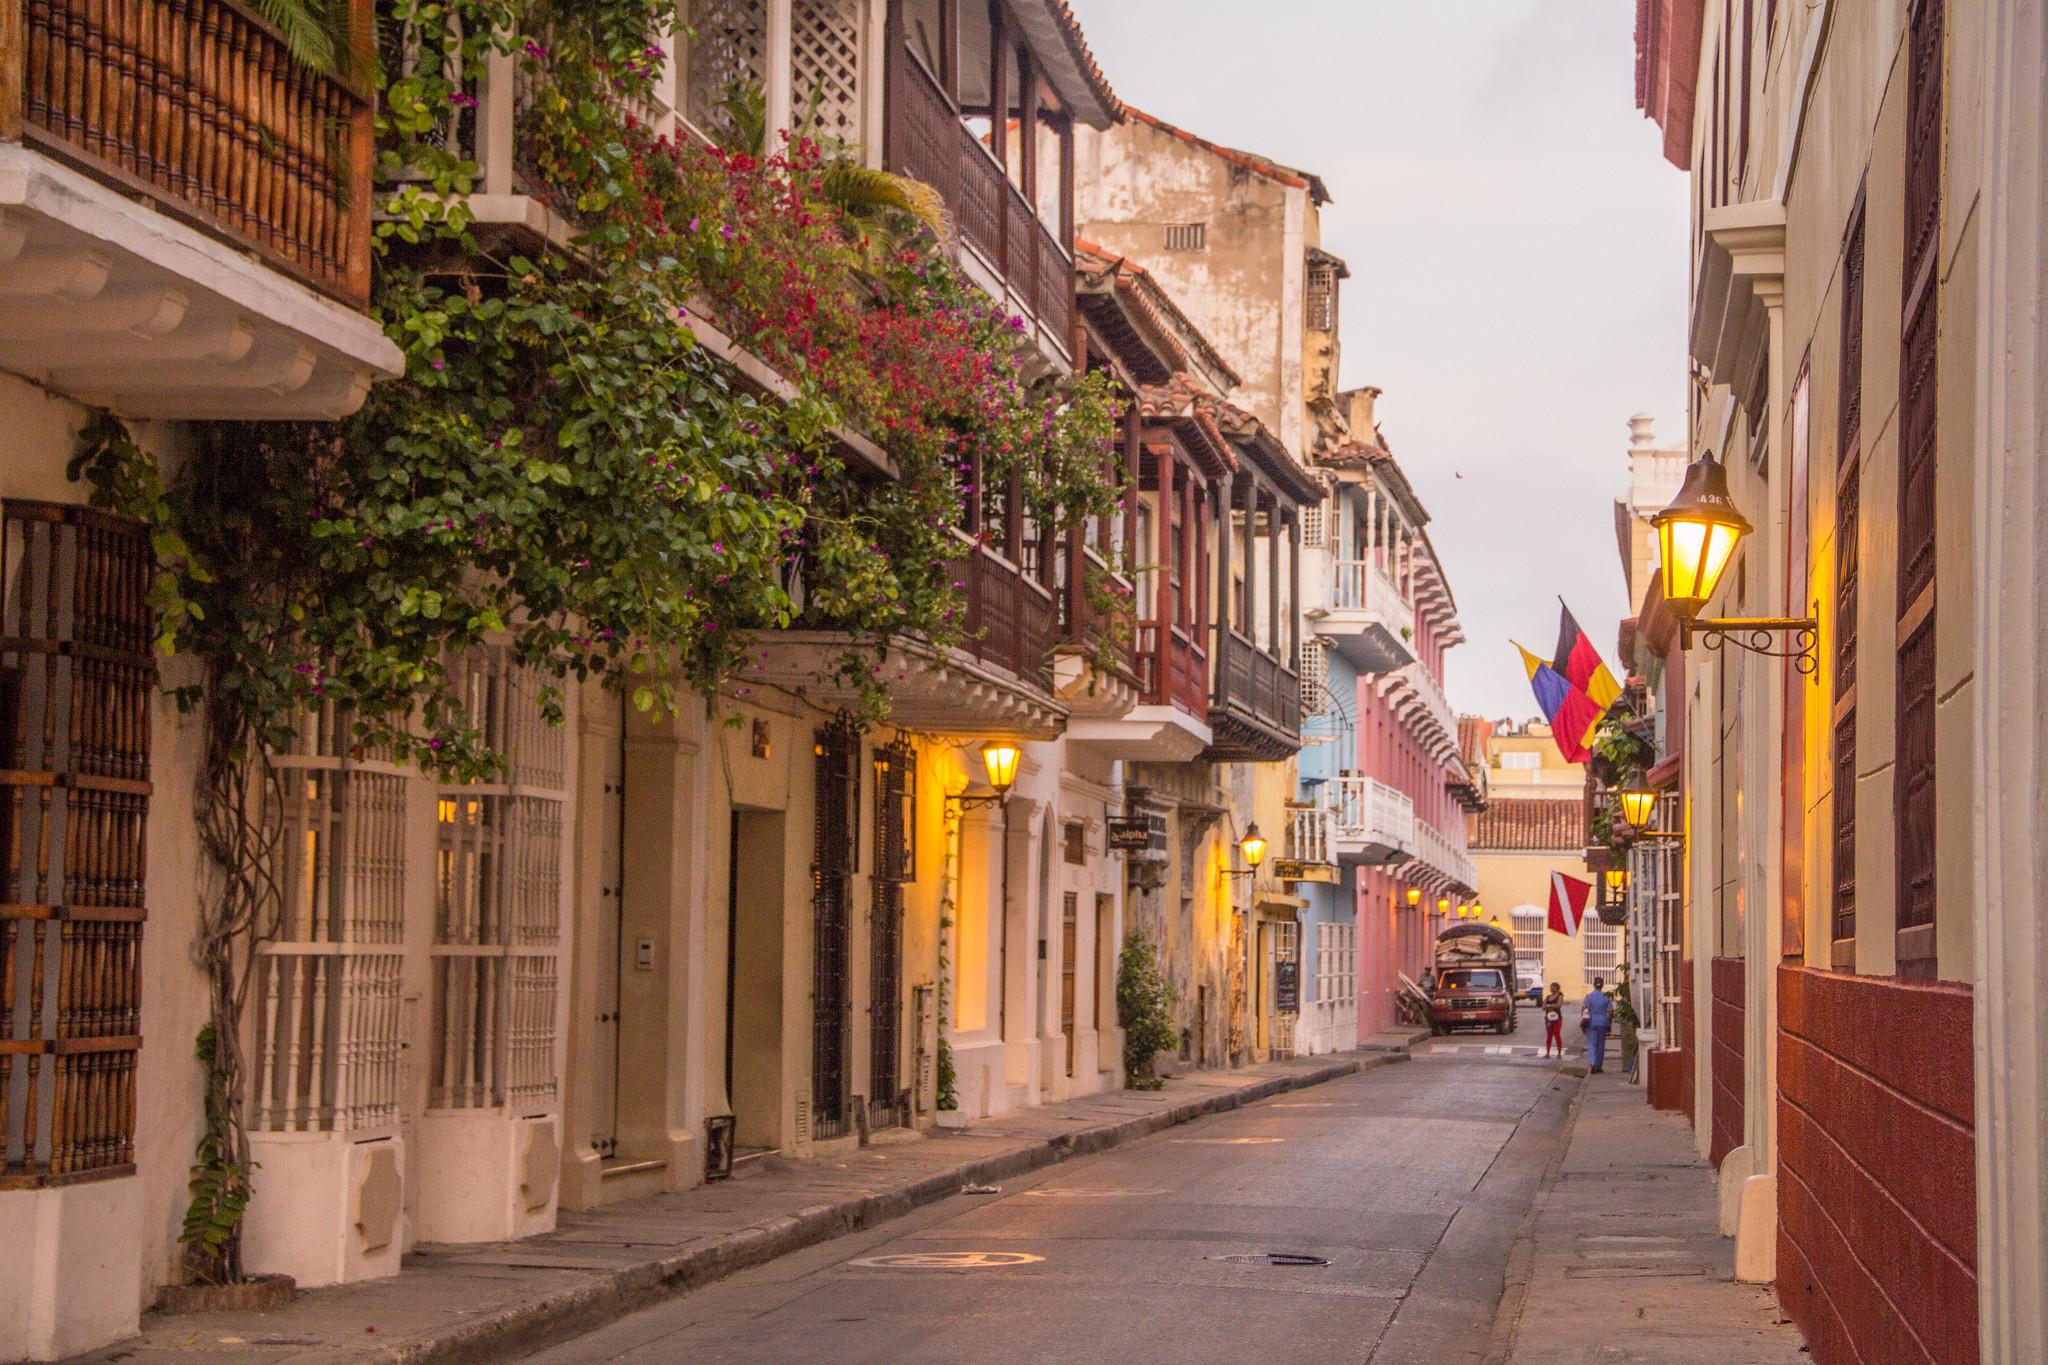 Cartagena 4-hour City Tour